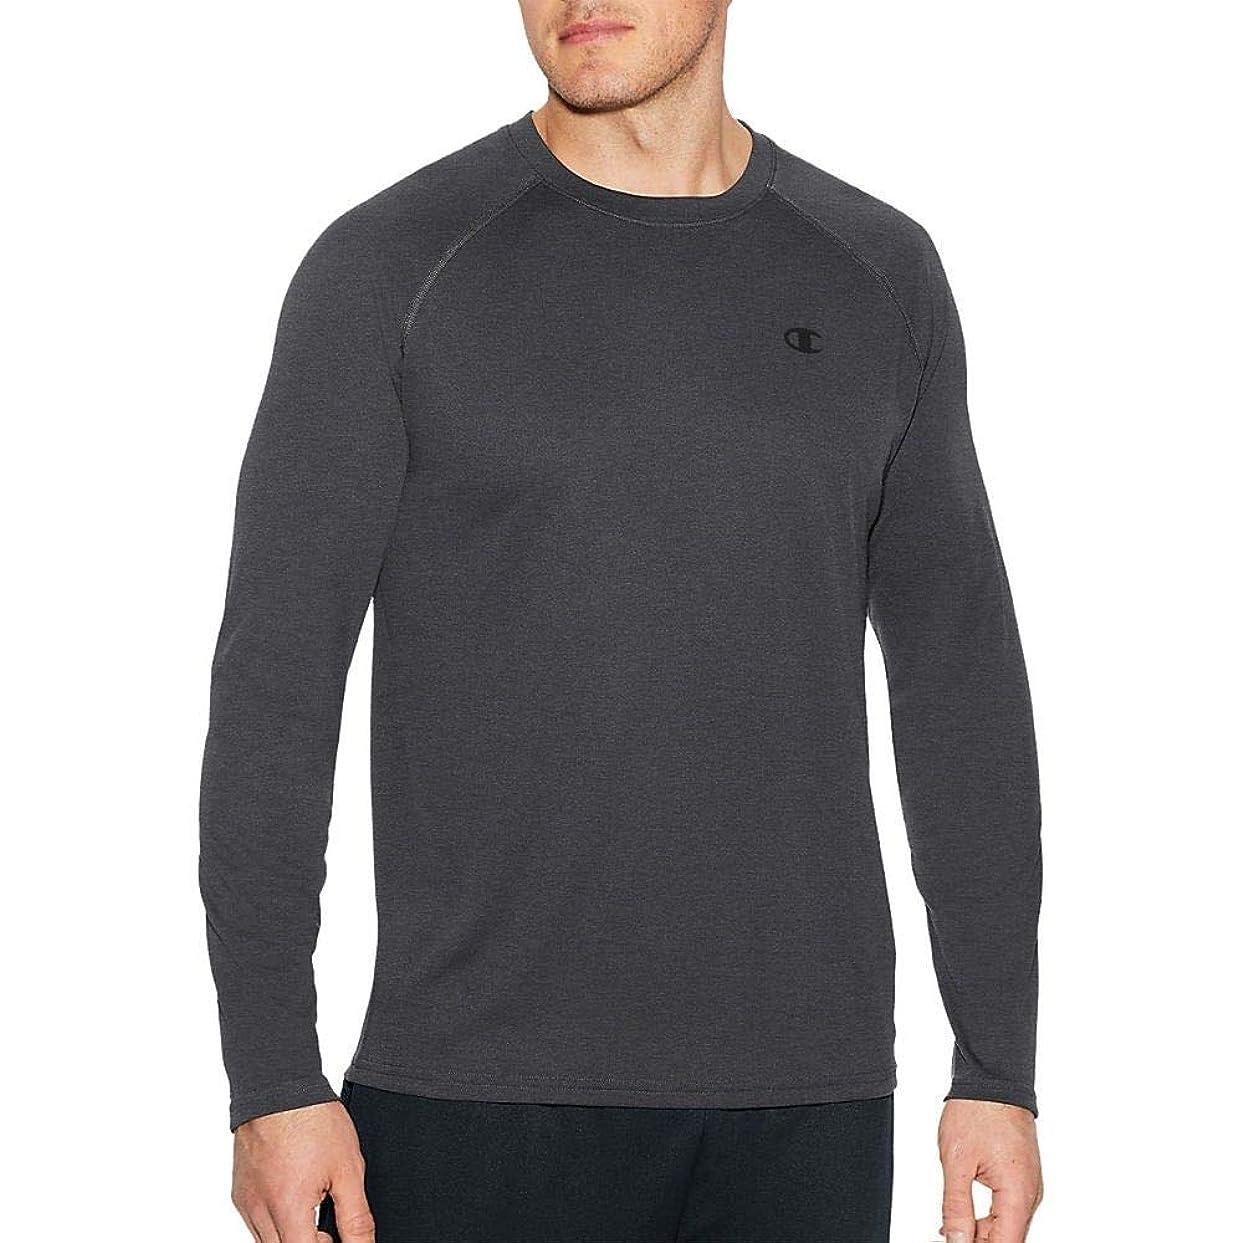 オフ遺伝的偏心(チャンピオン) Champion メンズ トップス 長袖Tシャツ Champion Vapor Select Long Sleeve Shirt [並行輸入品]